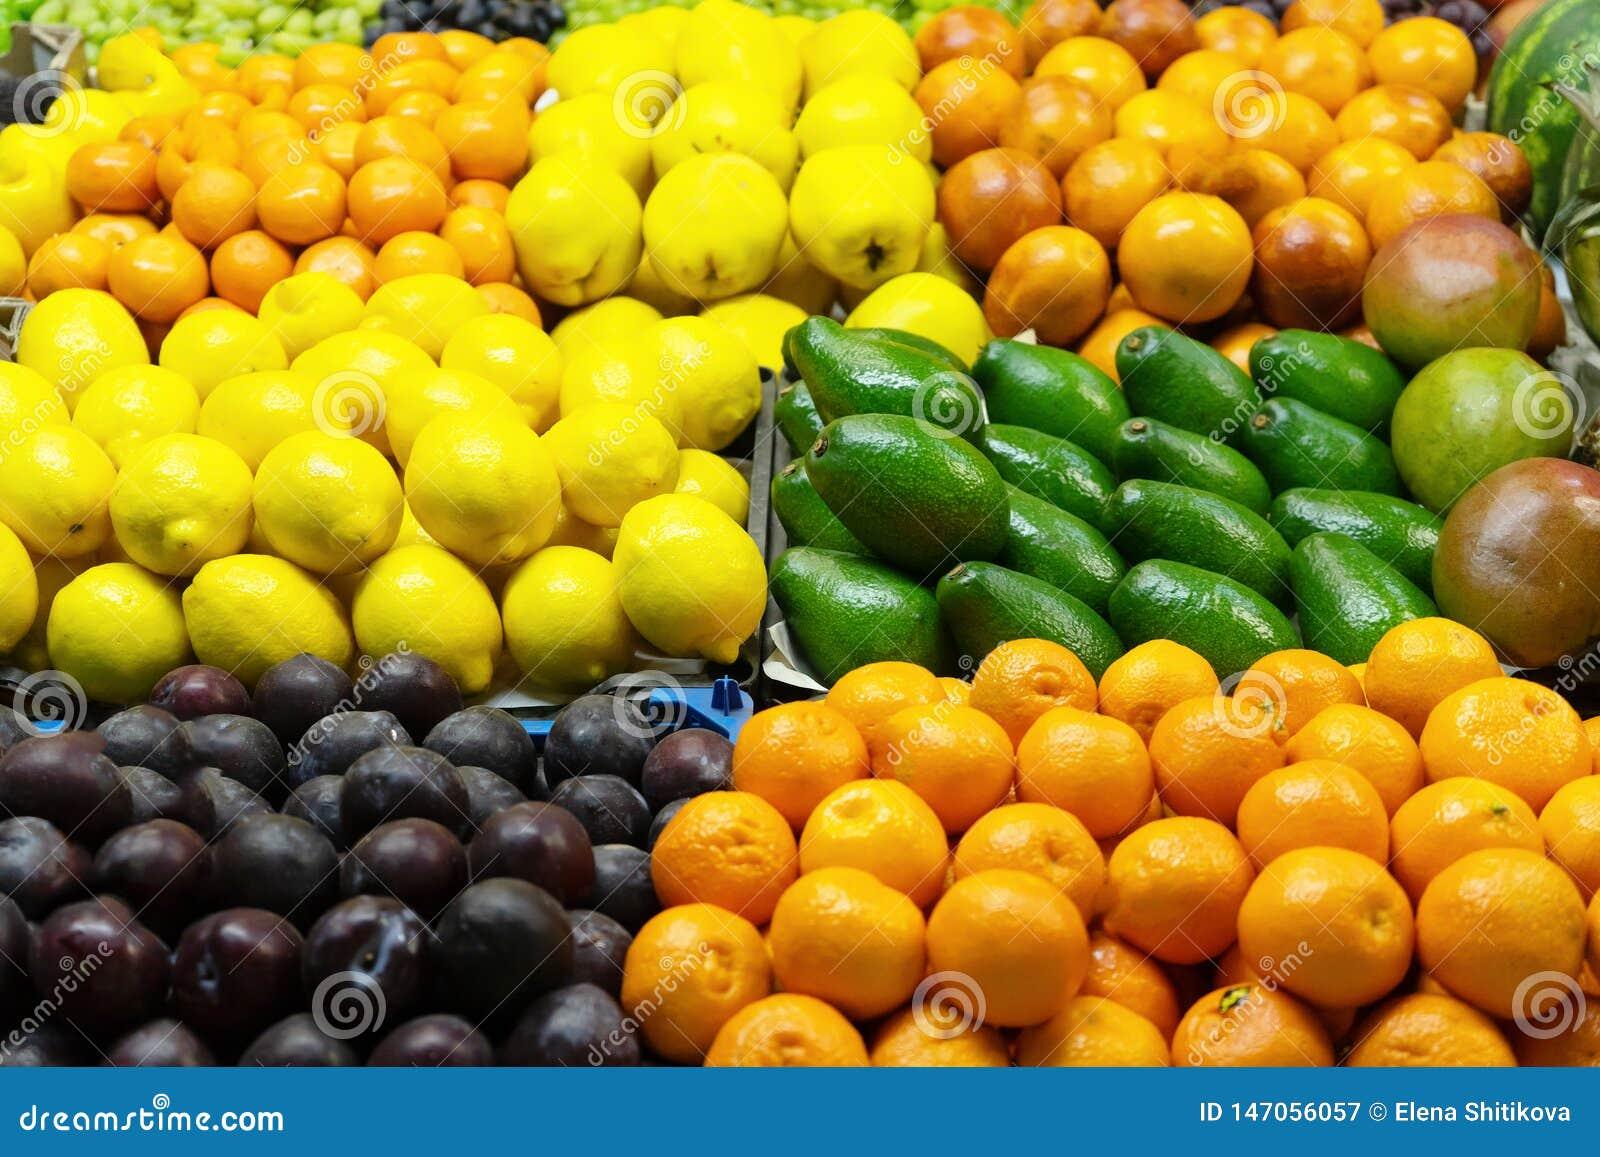 Frutas frescas mercado Primer